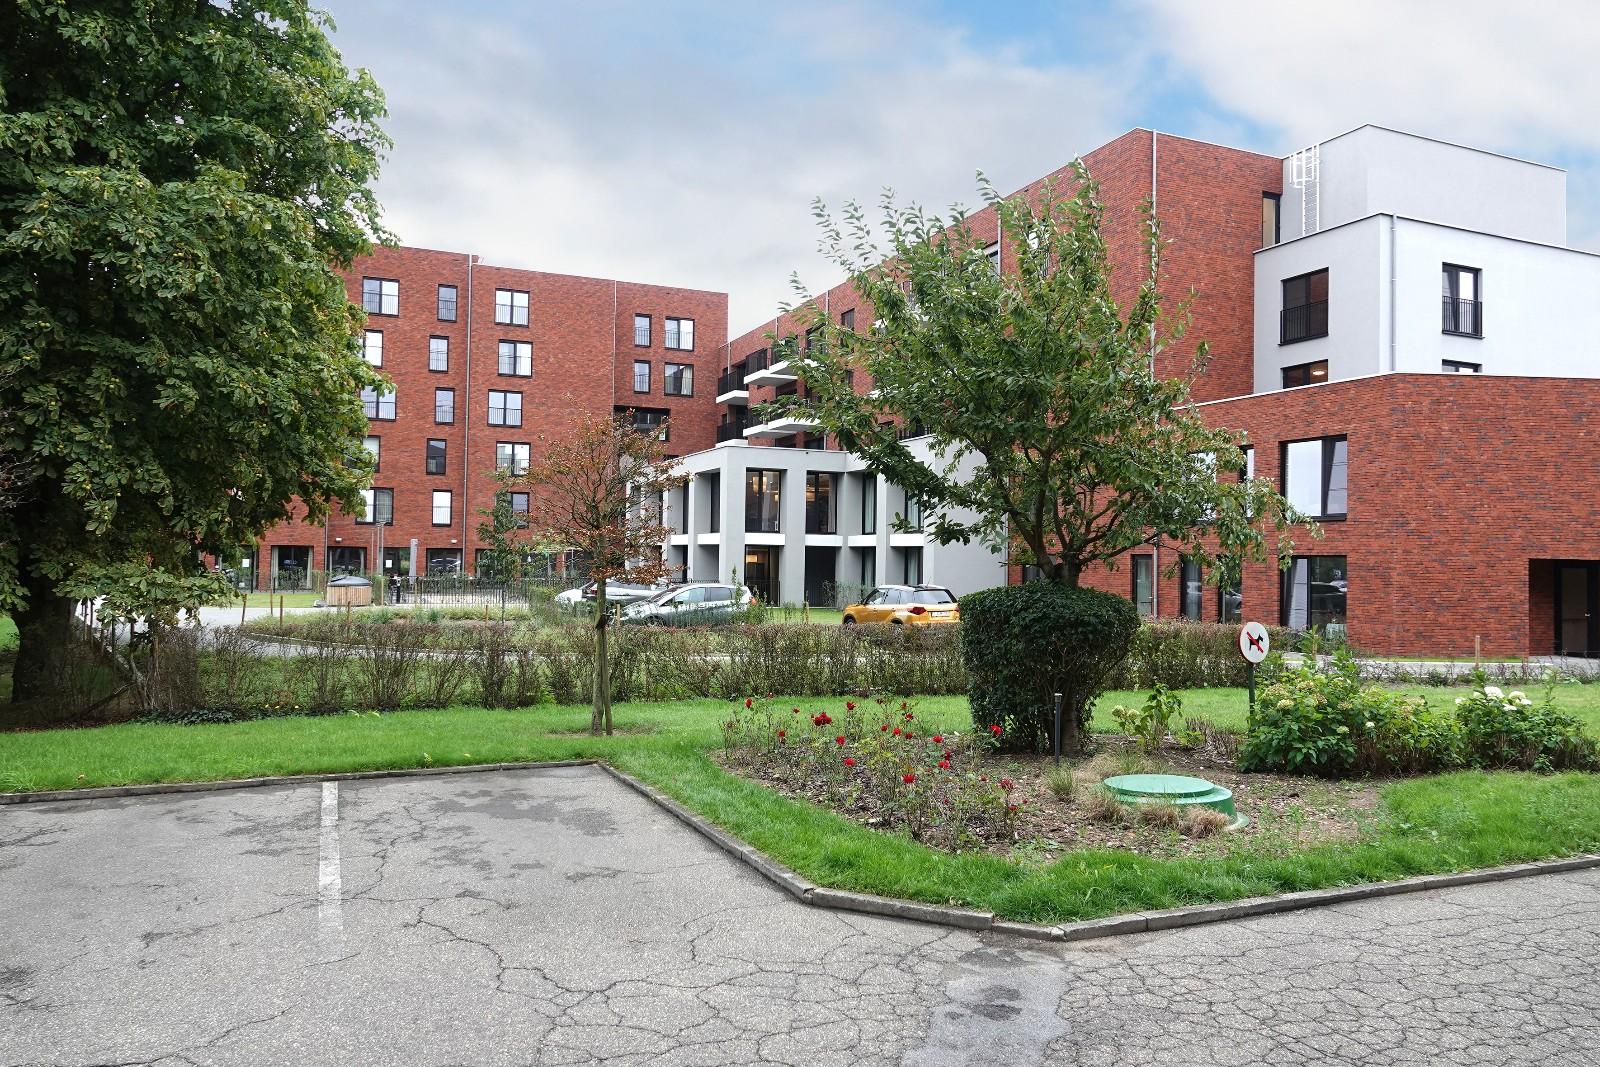 Frederickxhof gebouw 05